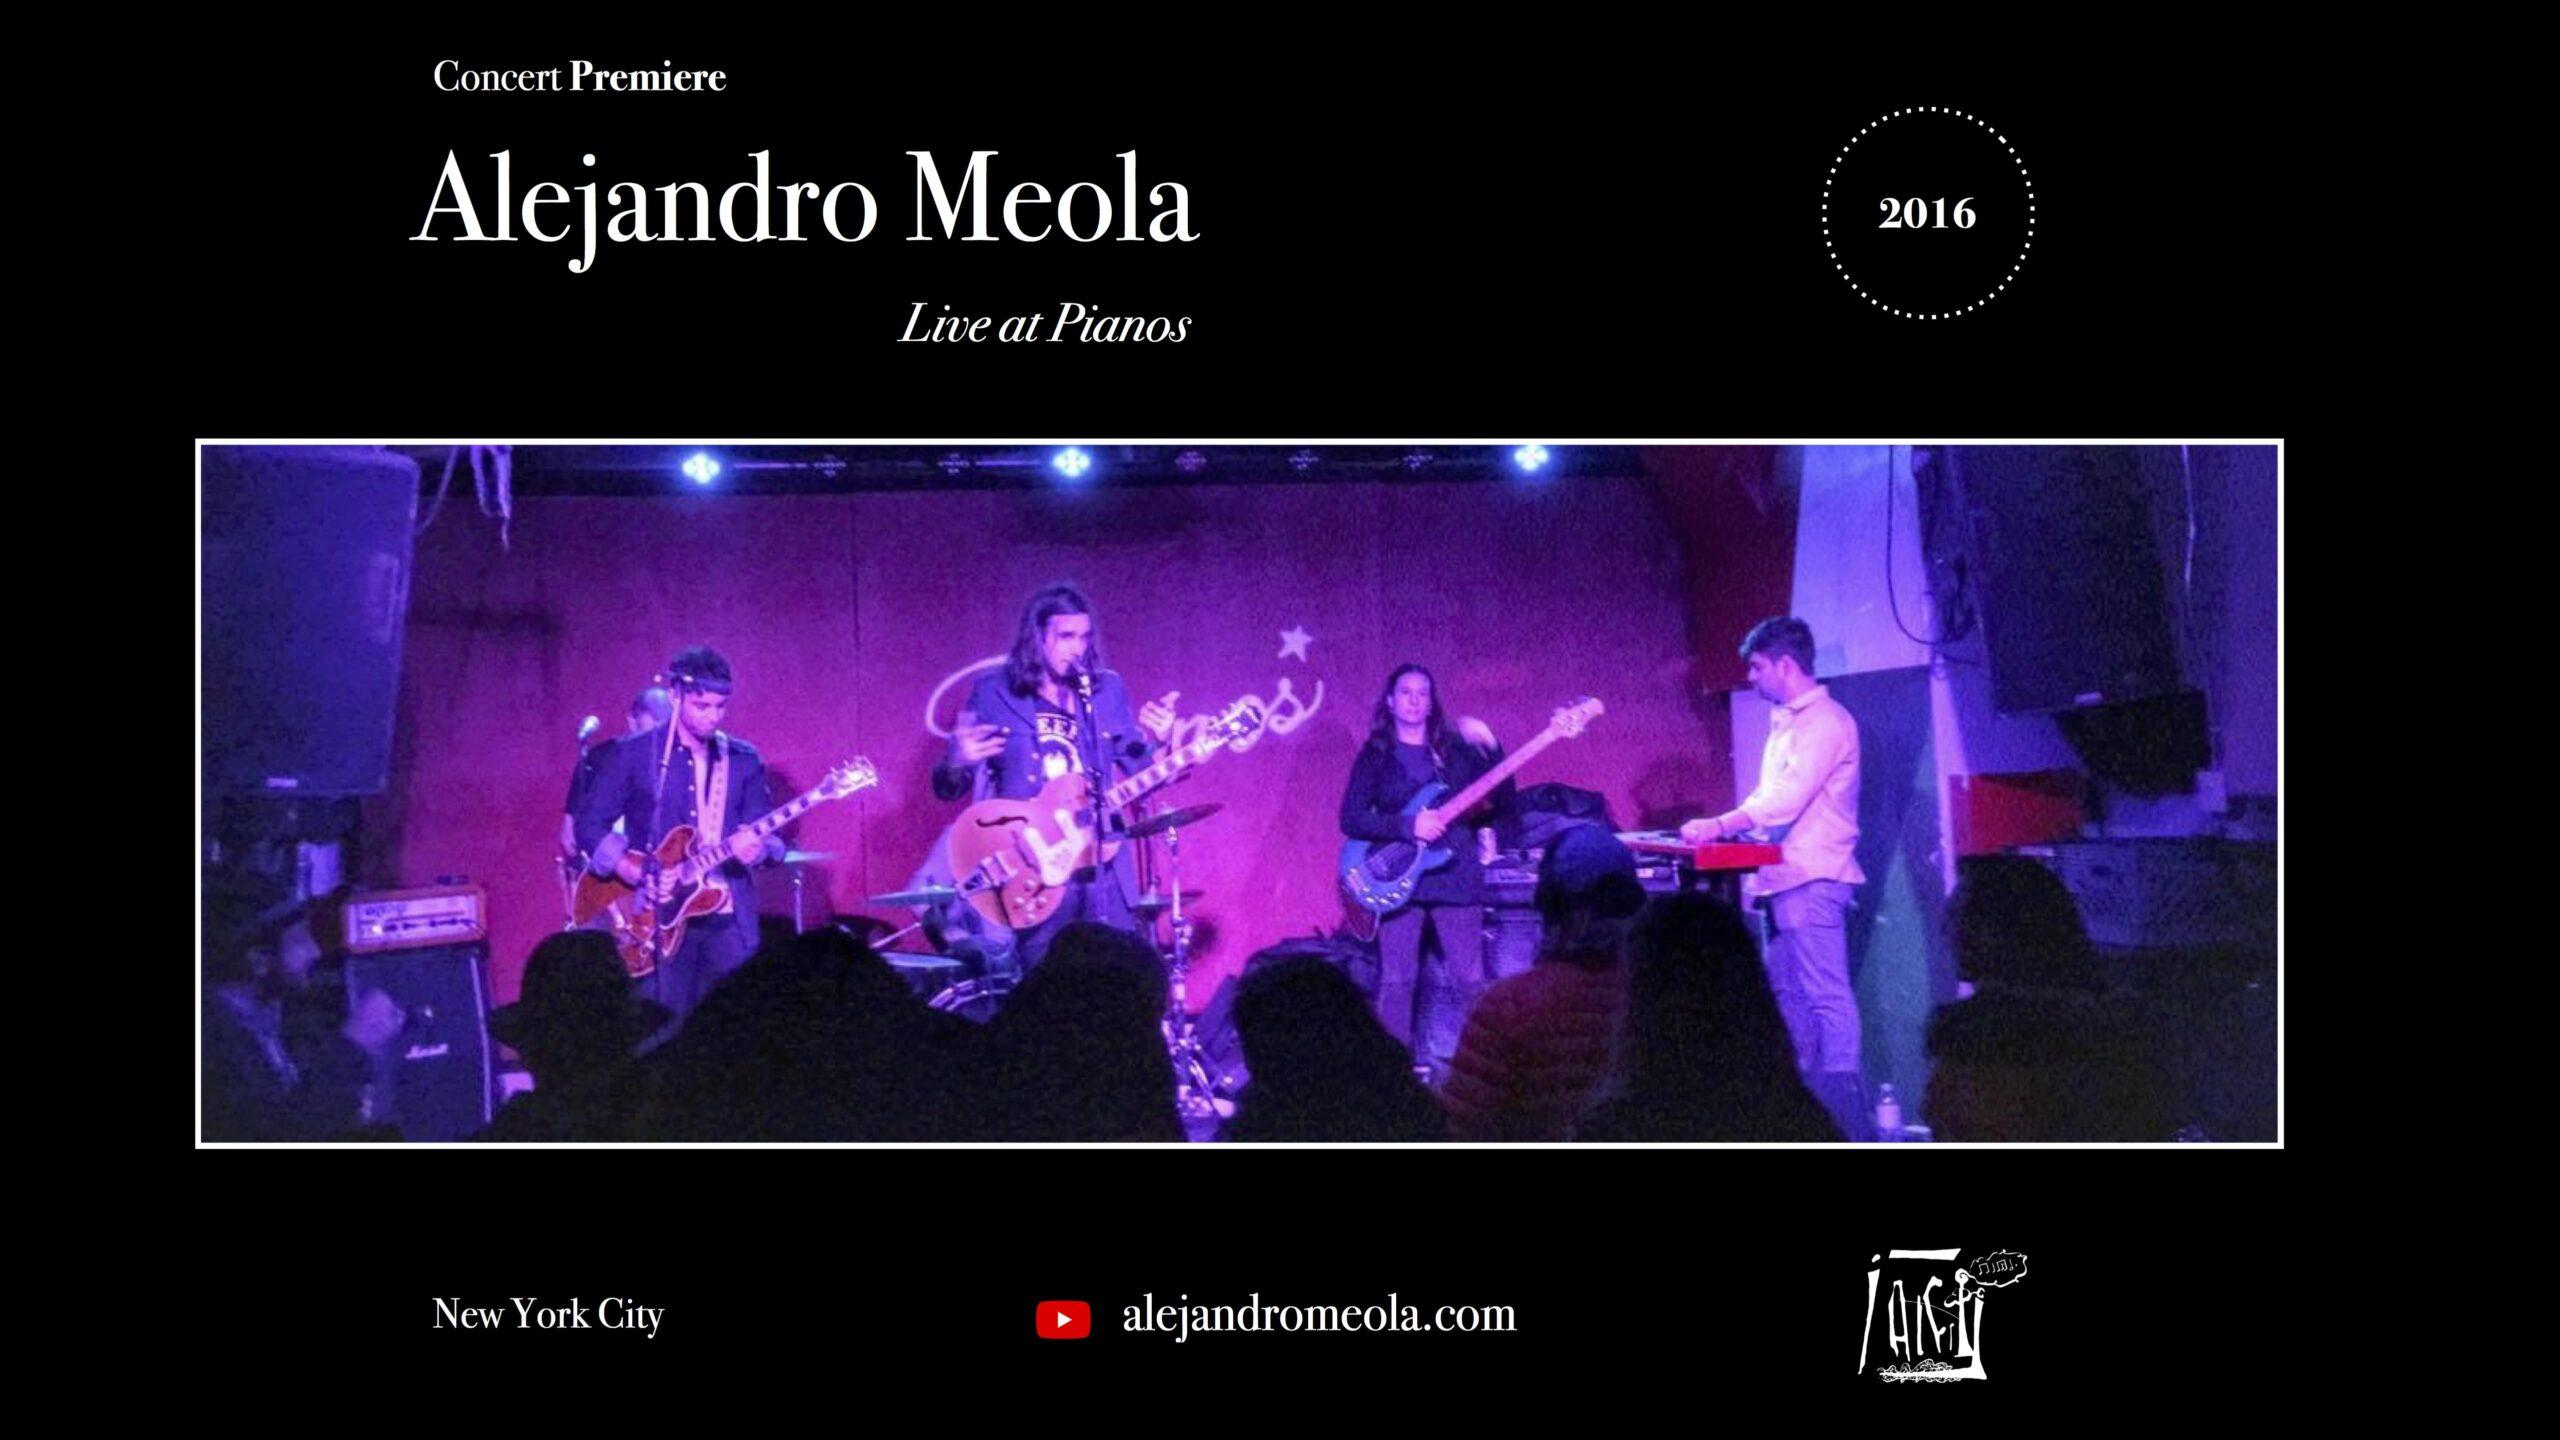 Alejandro Meola presenta concierto en Nueva York (EEUU)